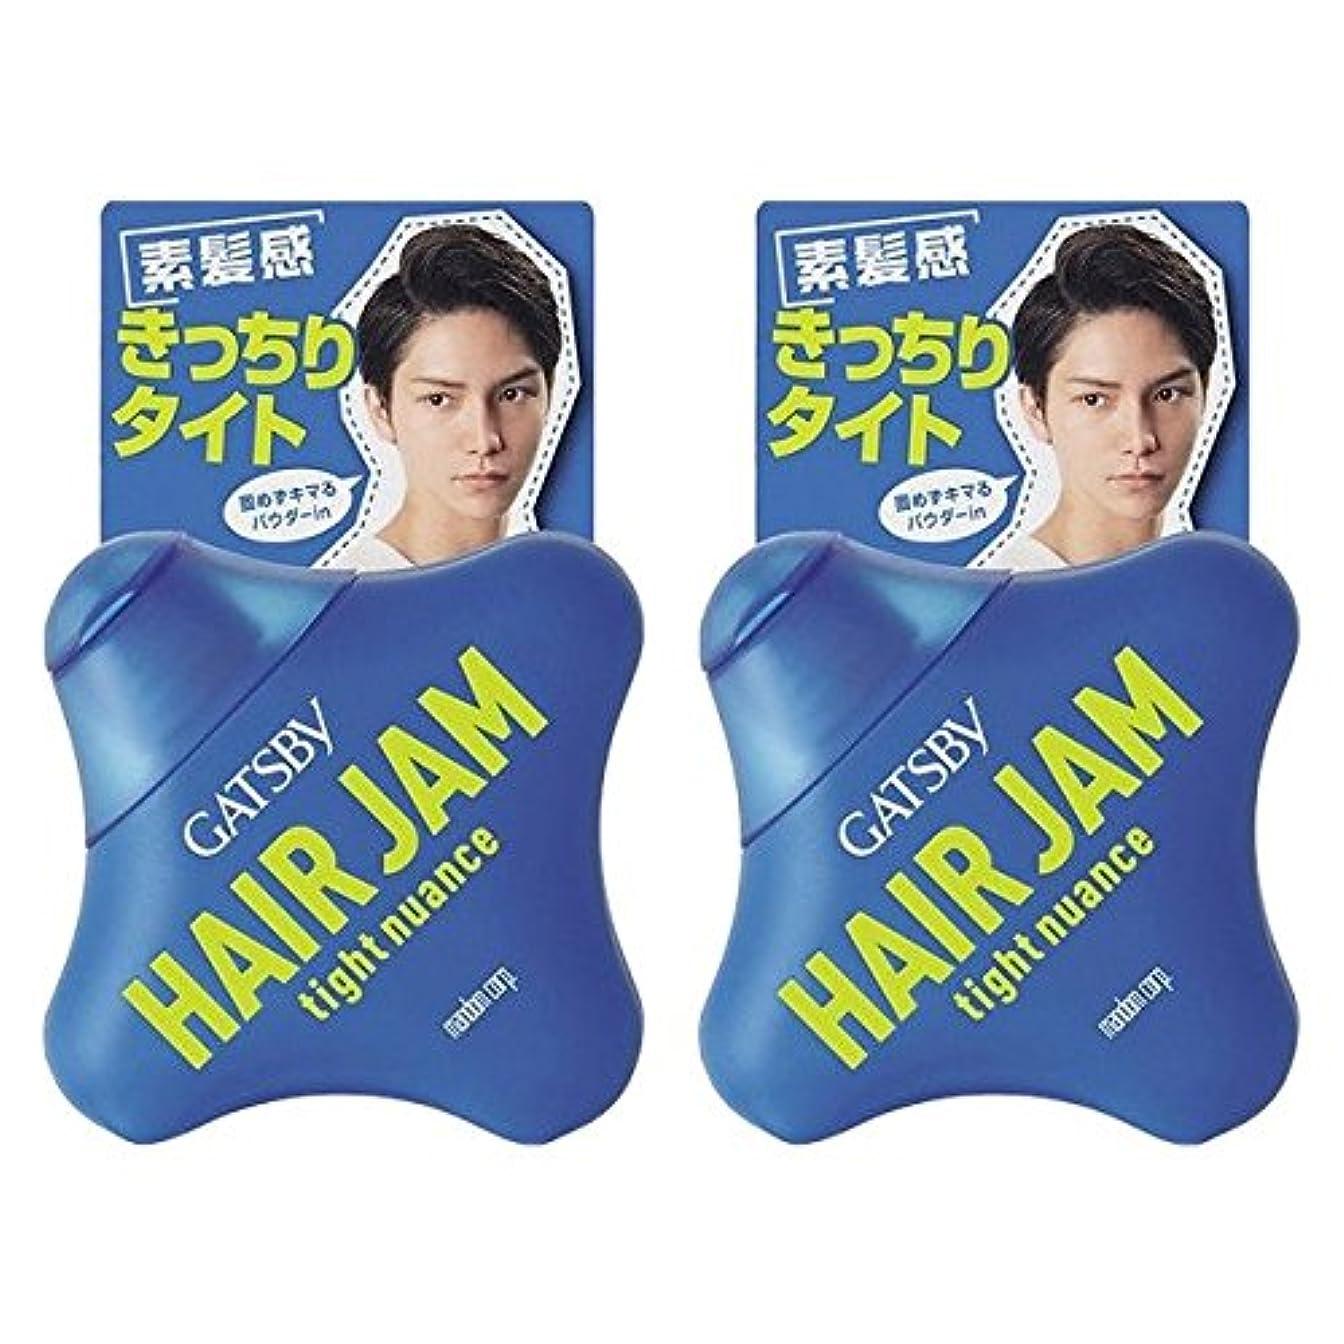 カーペットフォーマル来て【2個セット】ギャツビー ヘアジャム タイトニュアンス 120mL